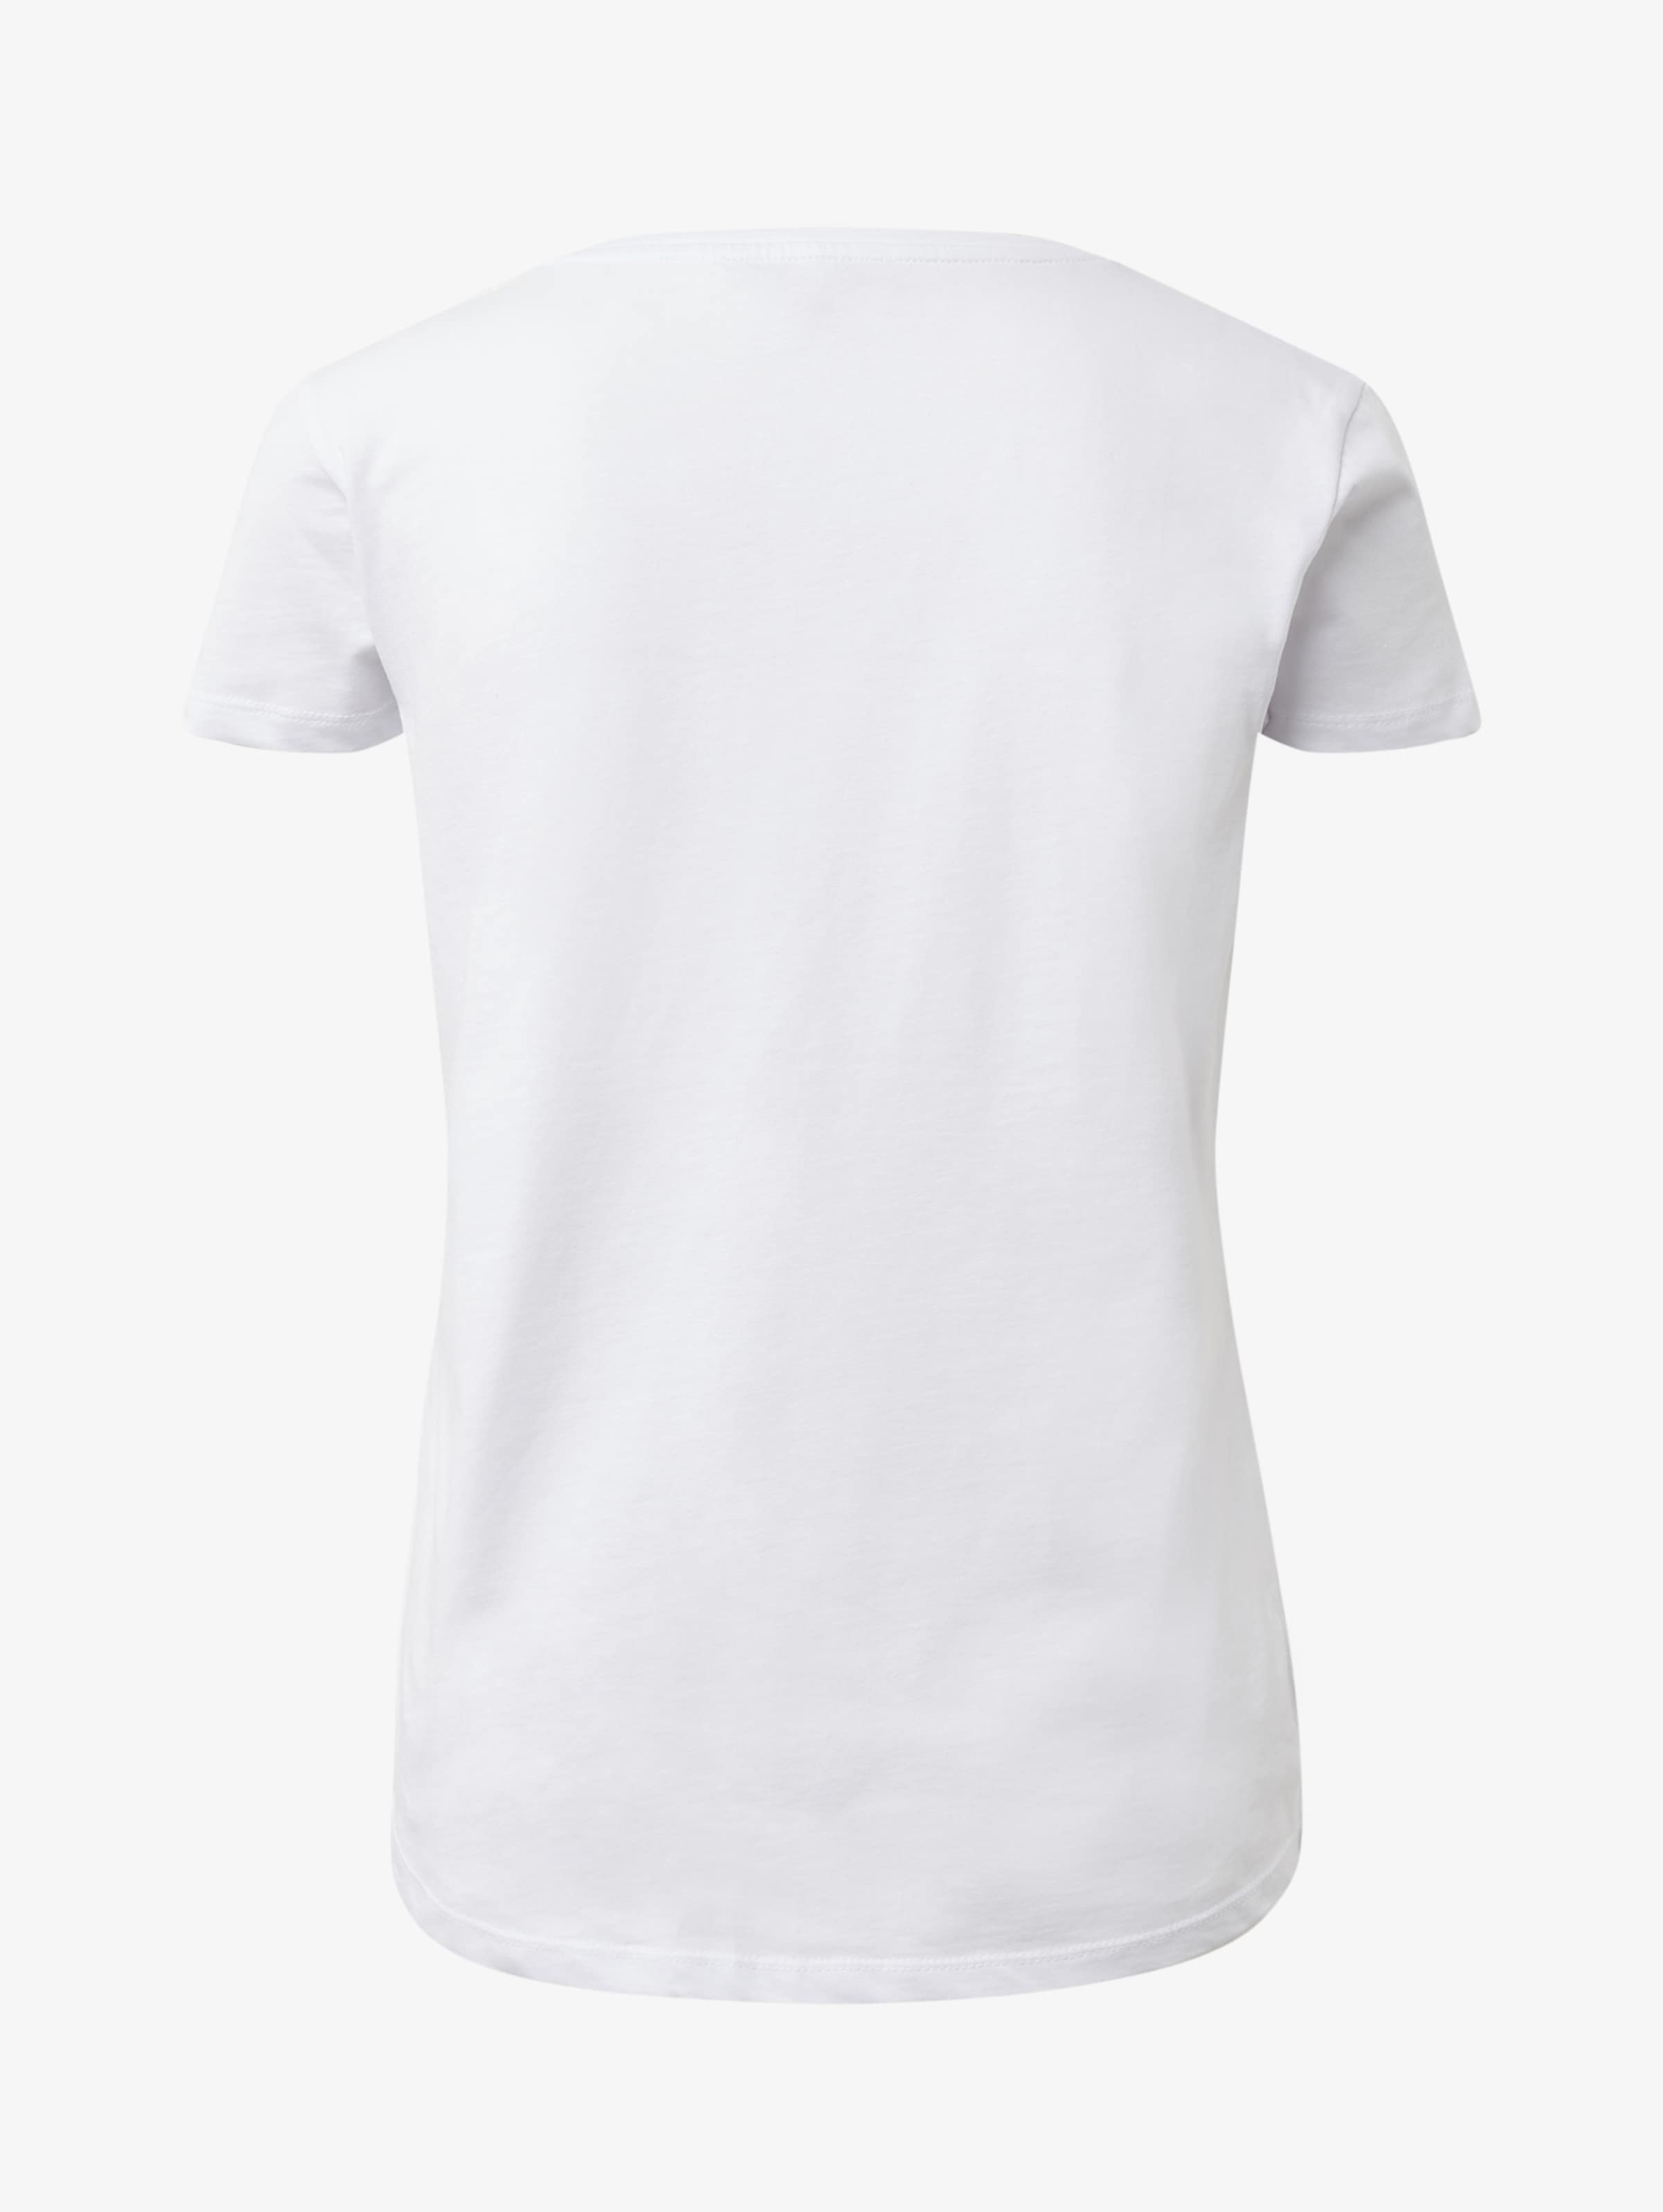 Tailor Tom T RosaWeiß shirt Denim In vNwm0nO8